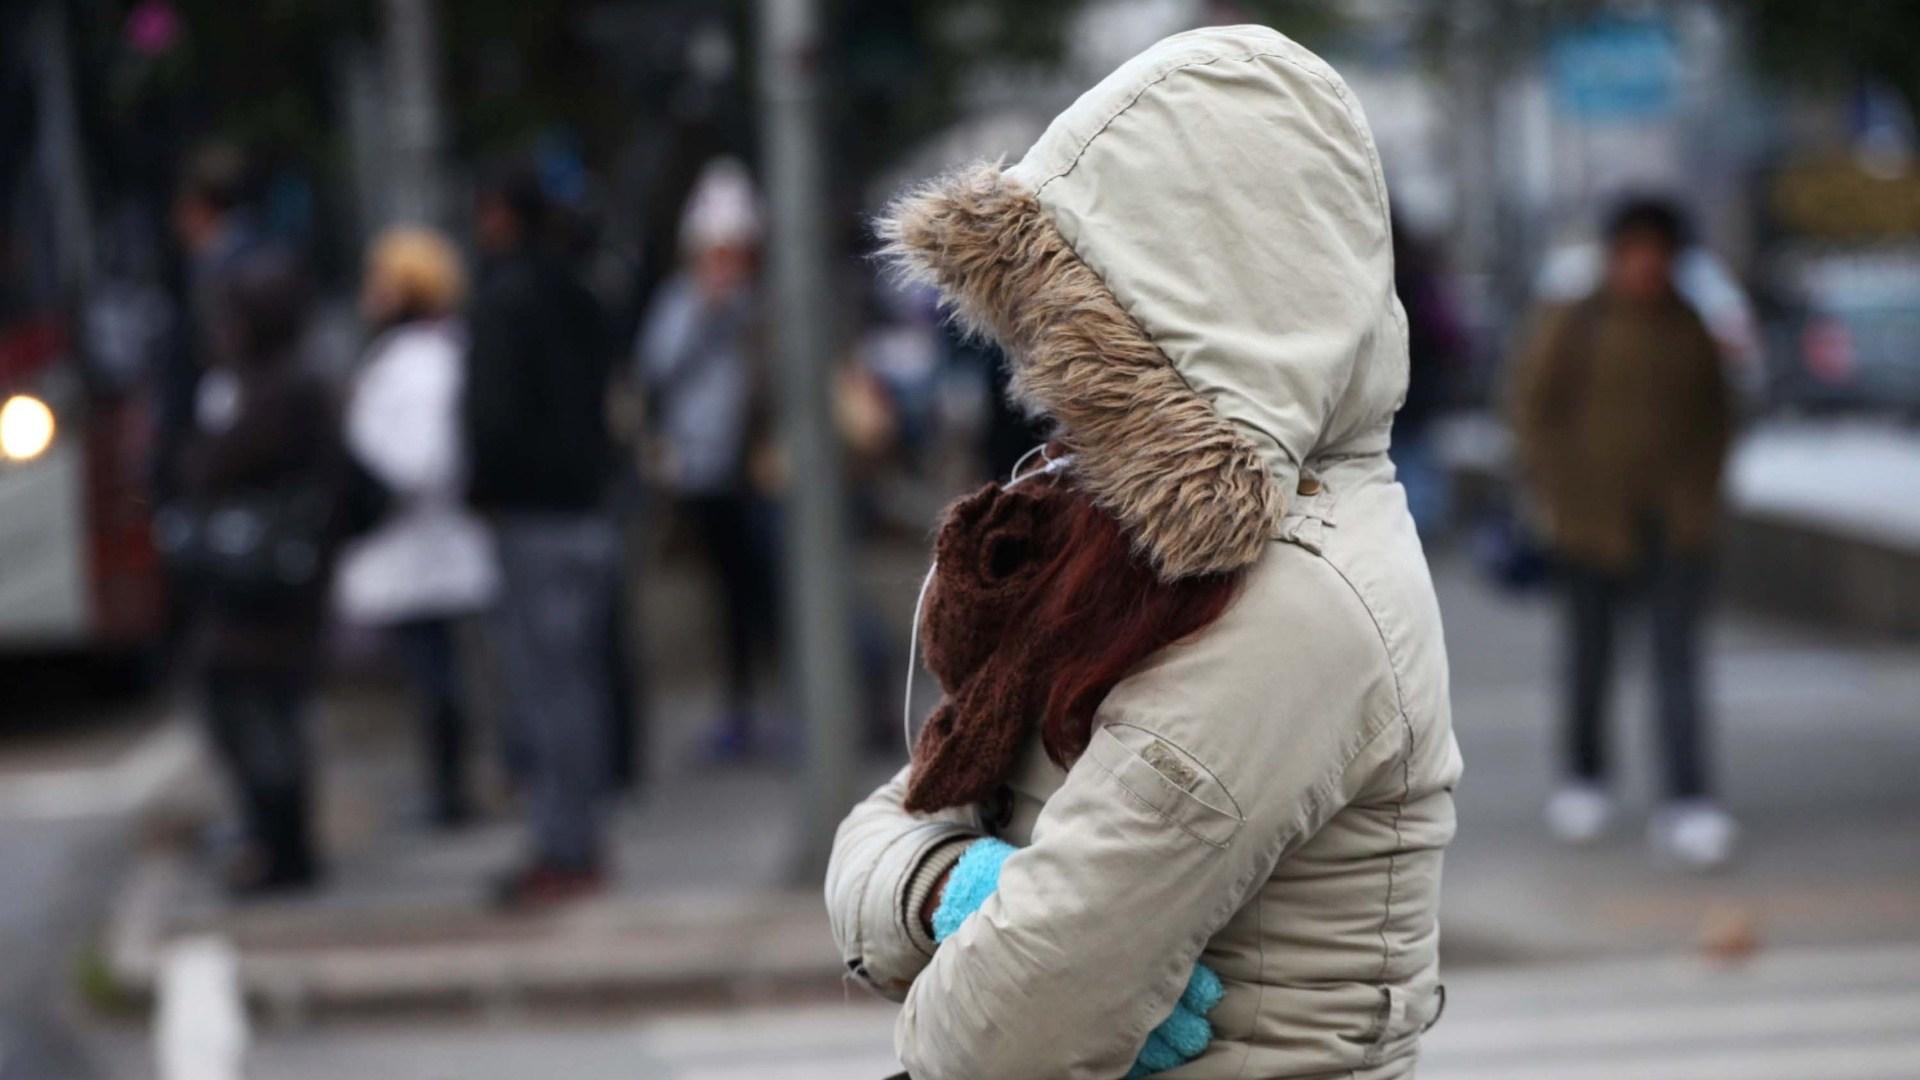 Temperaturas devem cair com passagem de frente fria pela região